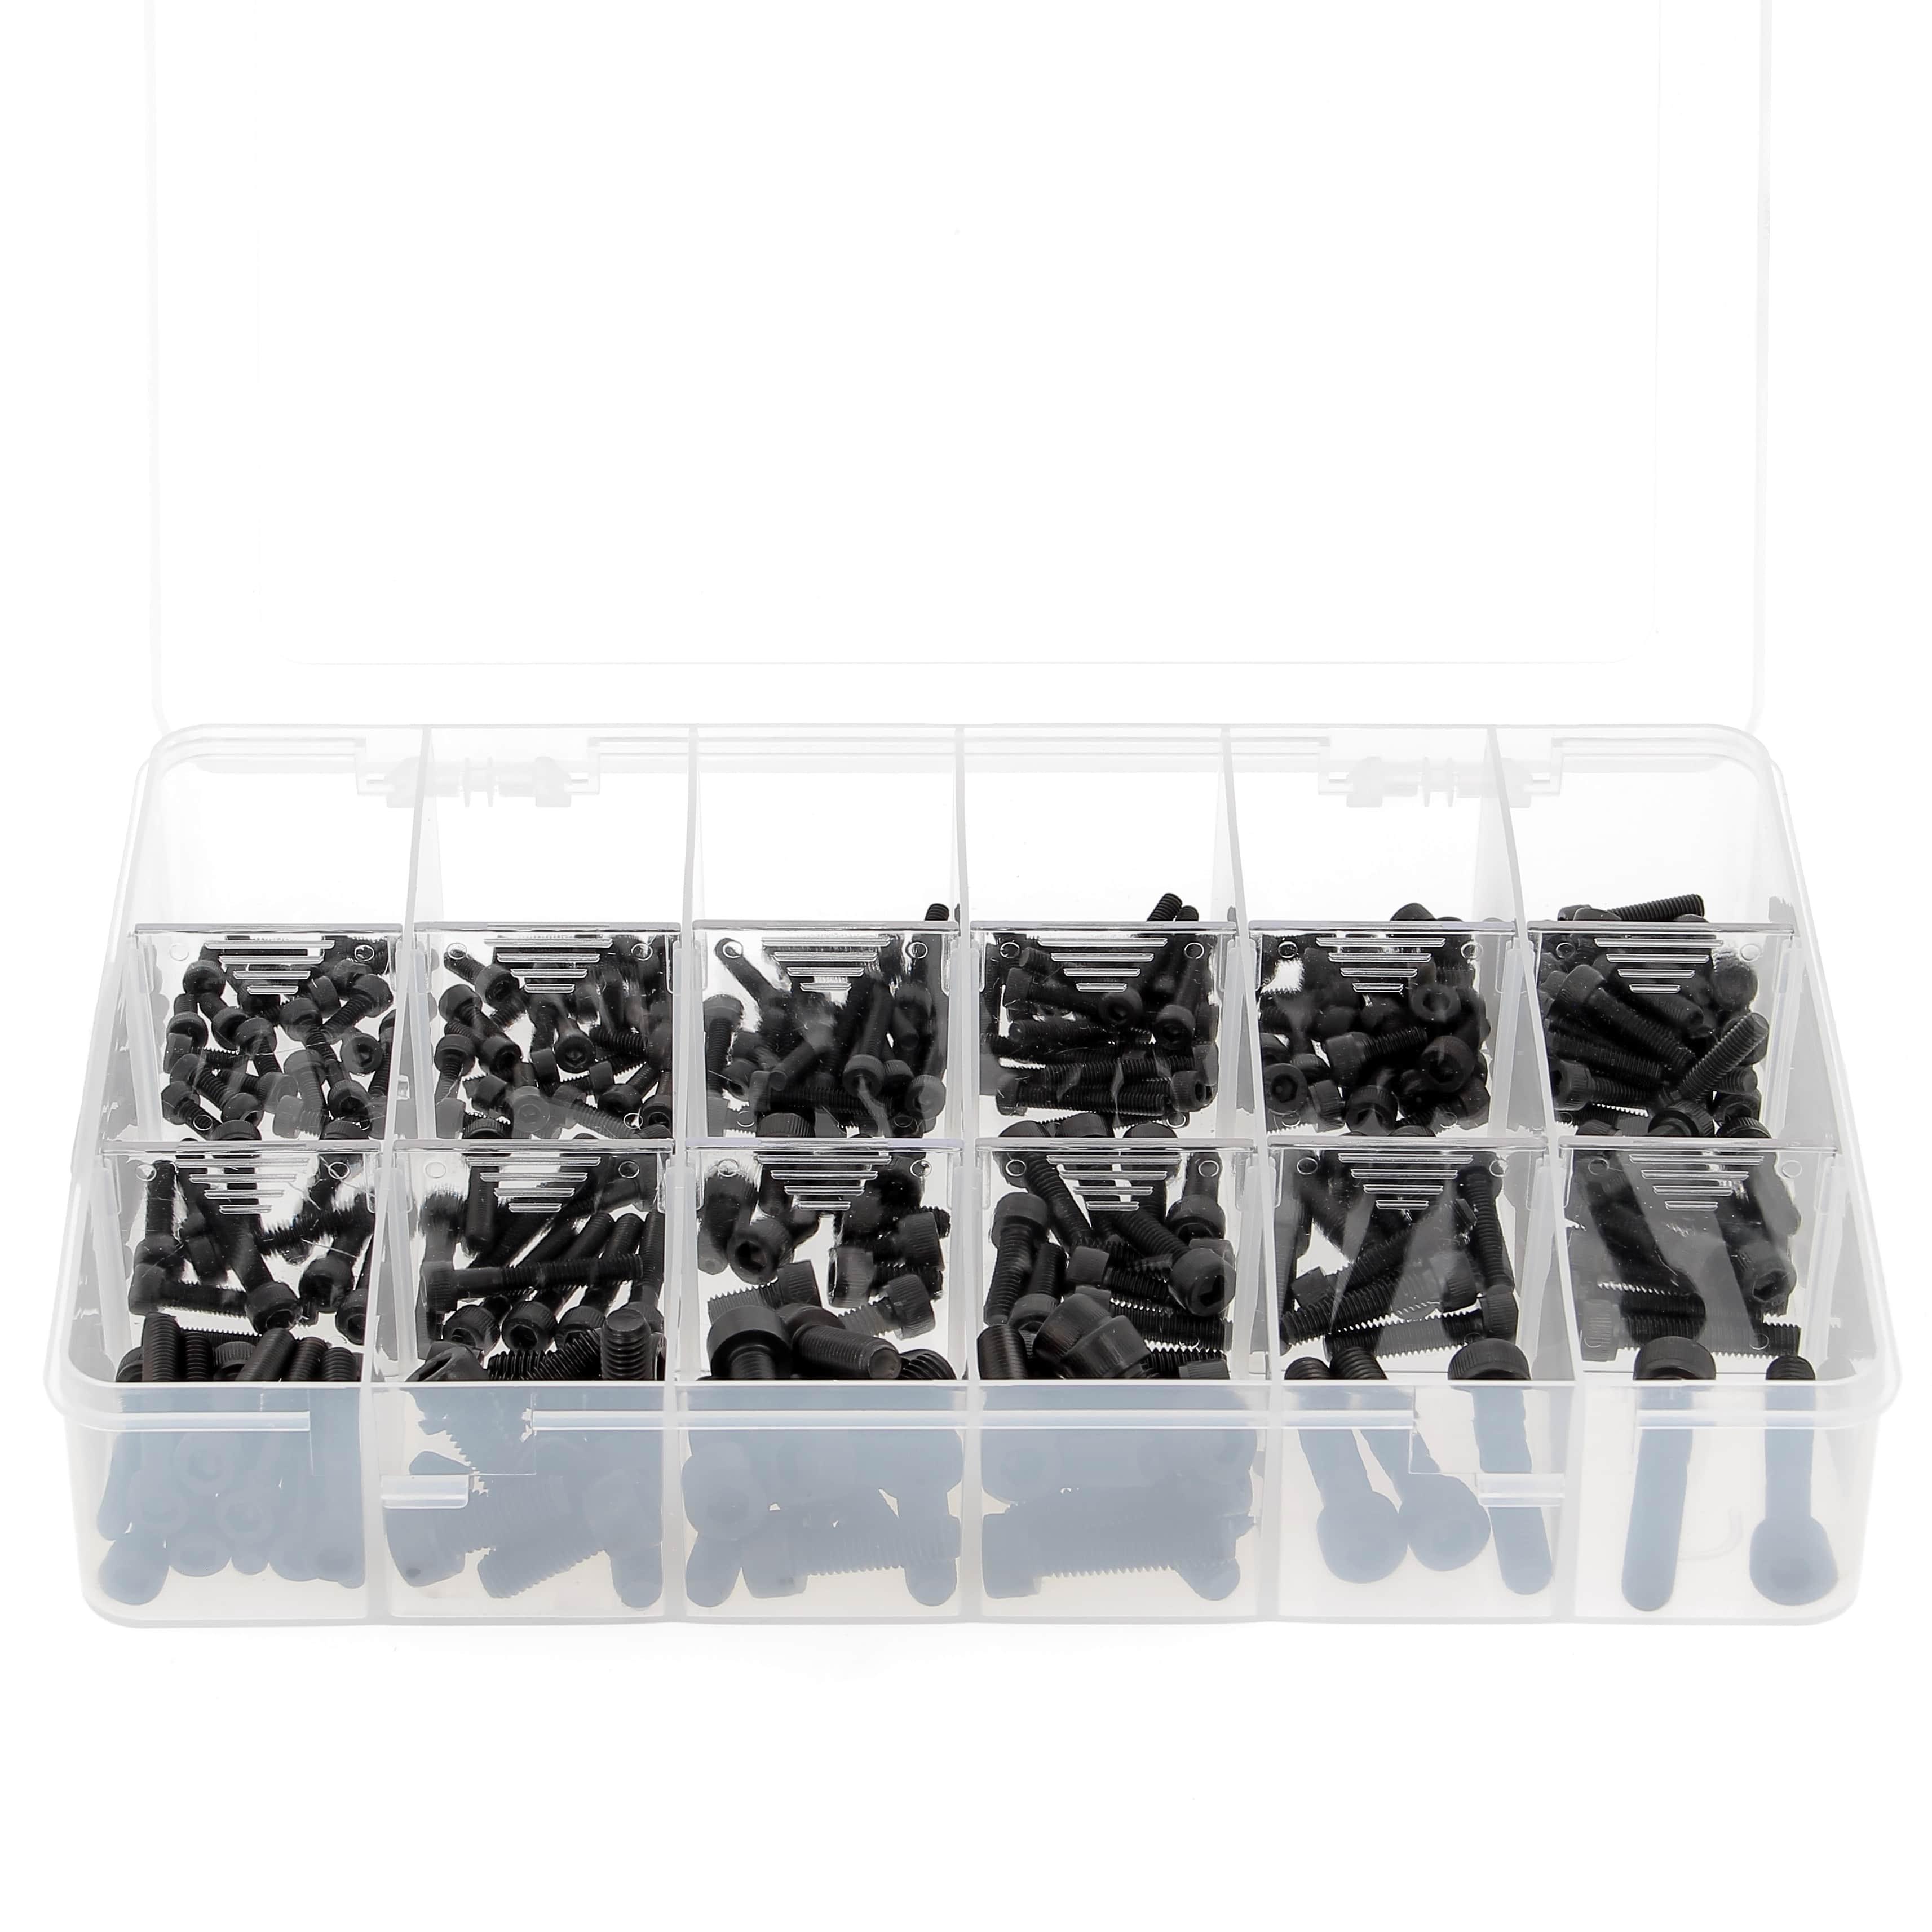 Coffret d'assortiments 255 Vis à Tête Cylindrique Hexagonale Creuse Acier 8.8 Noir DIN 912